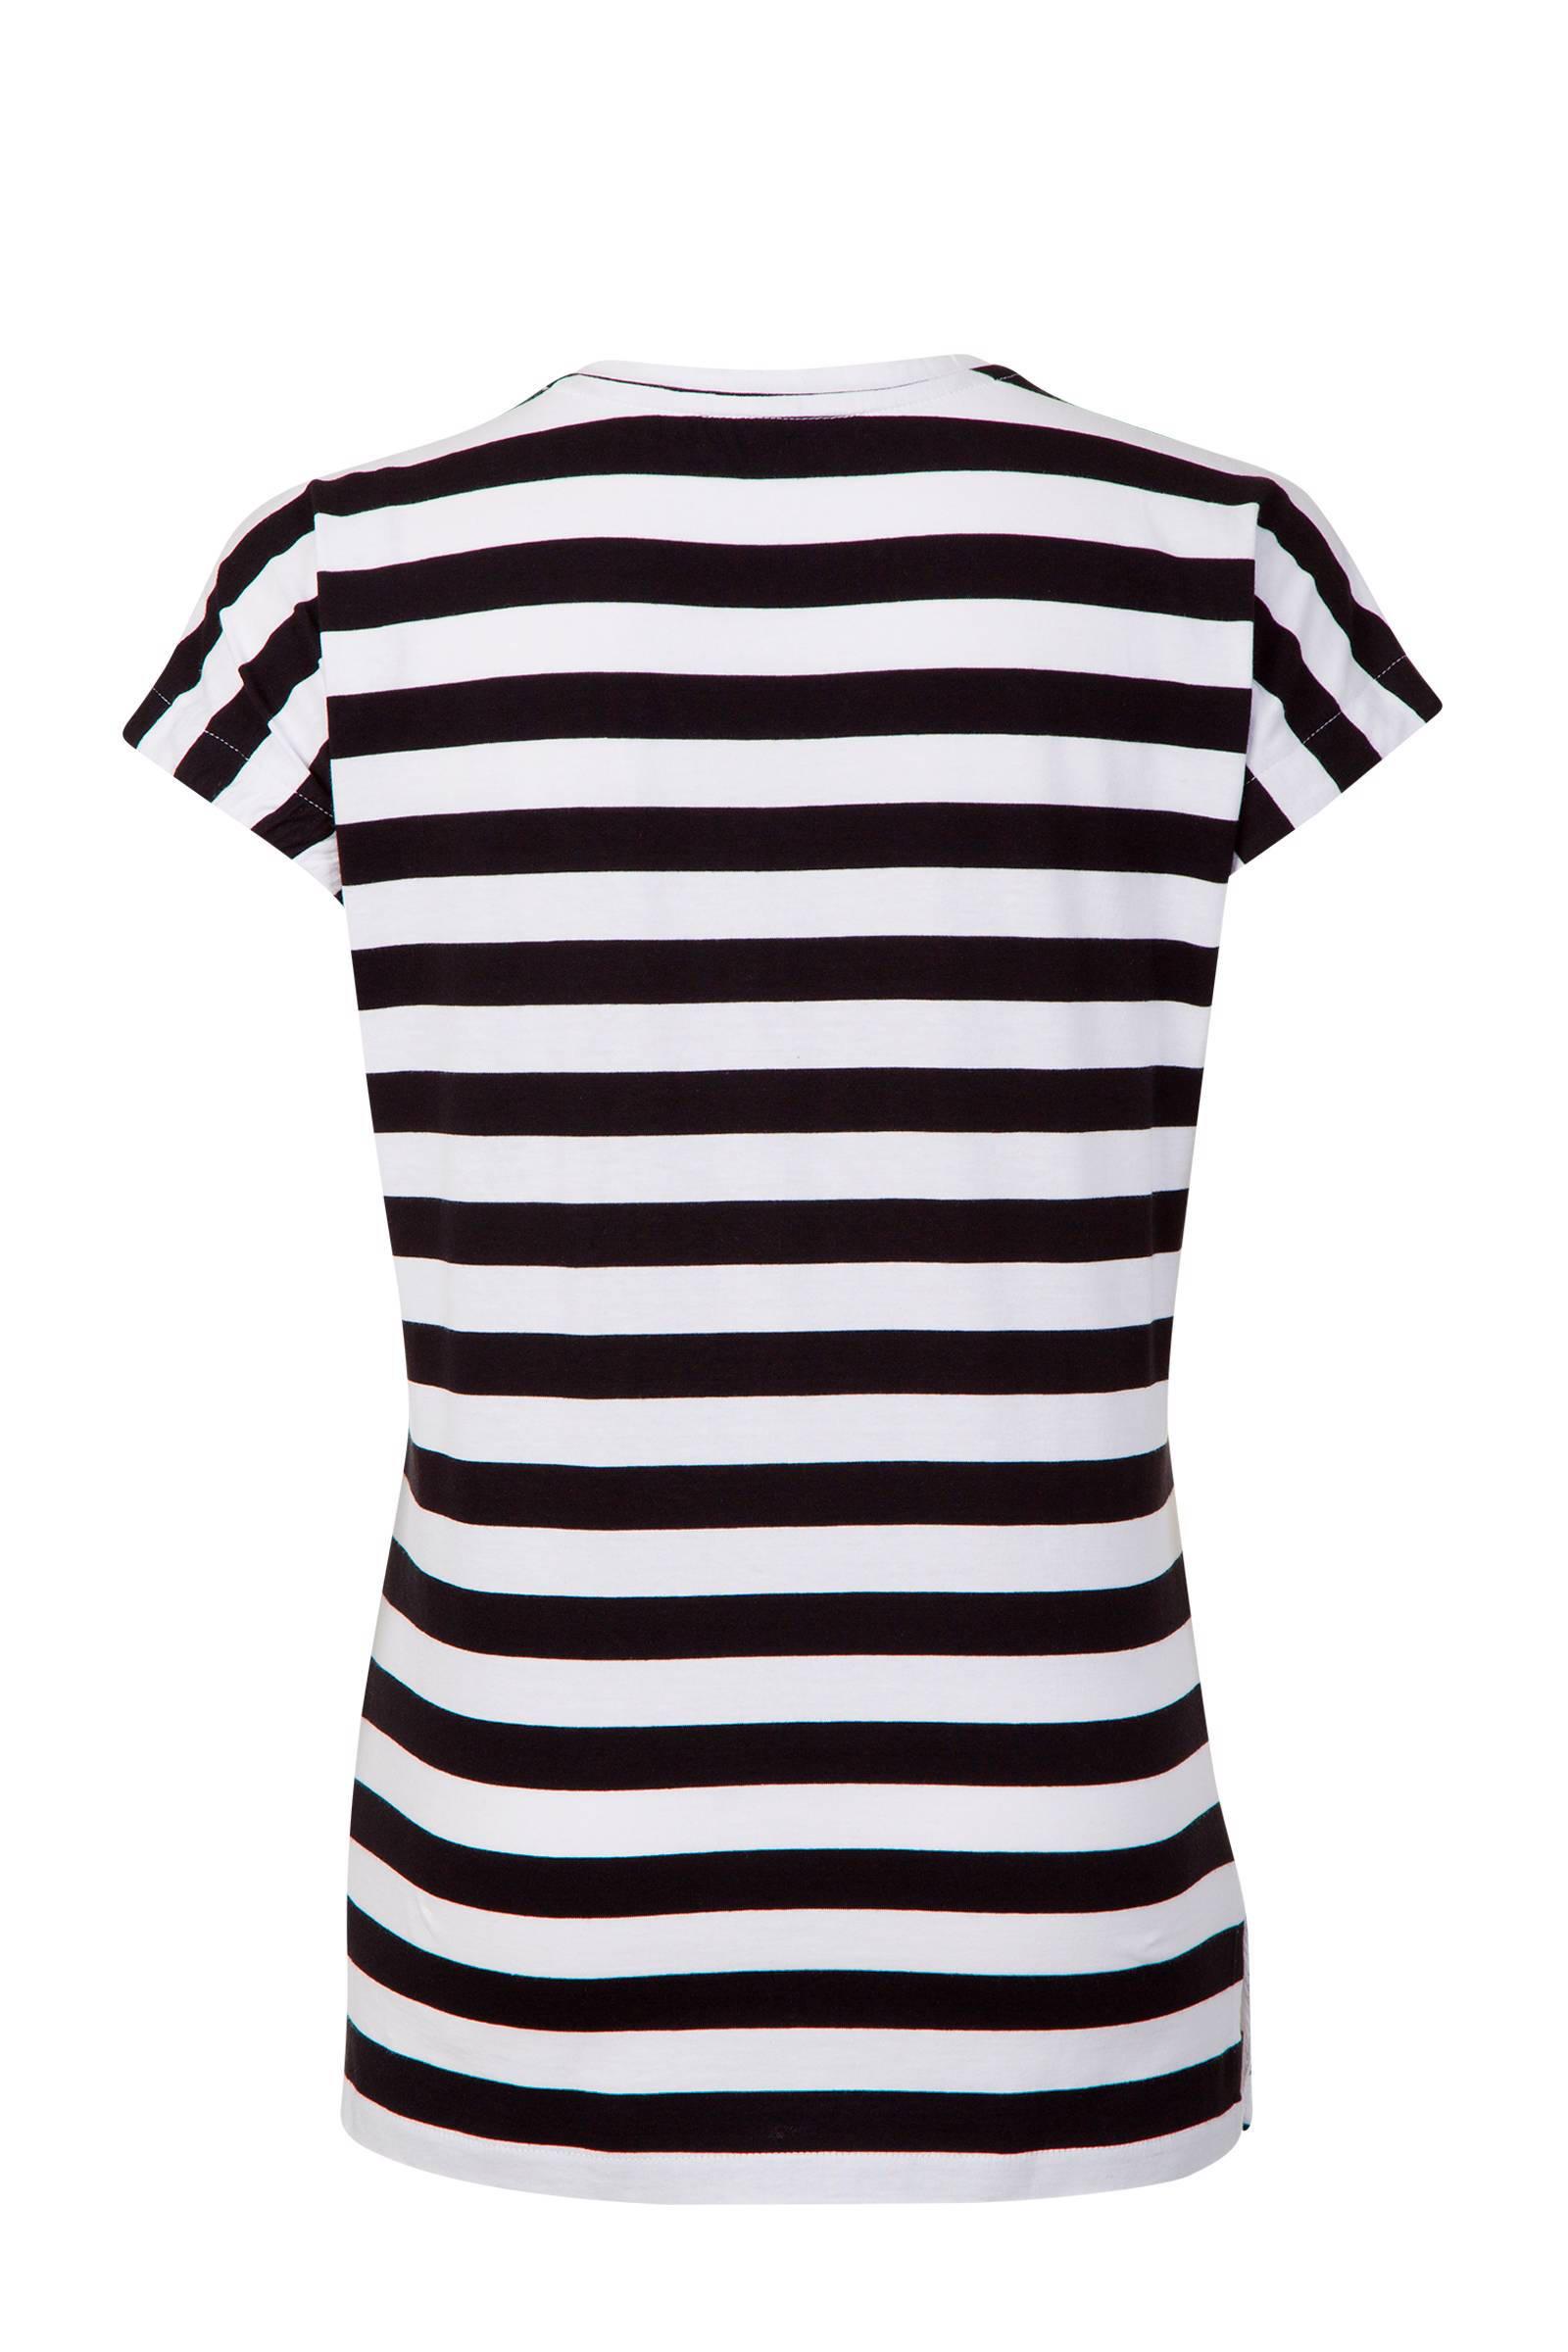 Bedwelming Miss Etam Regulier gestreept T-shirt zwart/wit | wehkamp &WH62